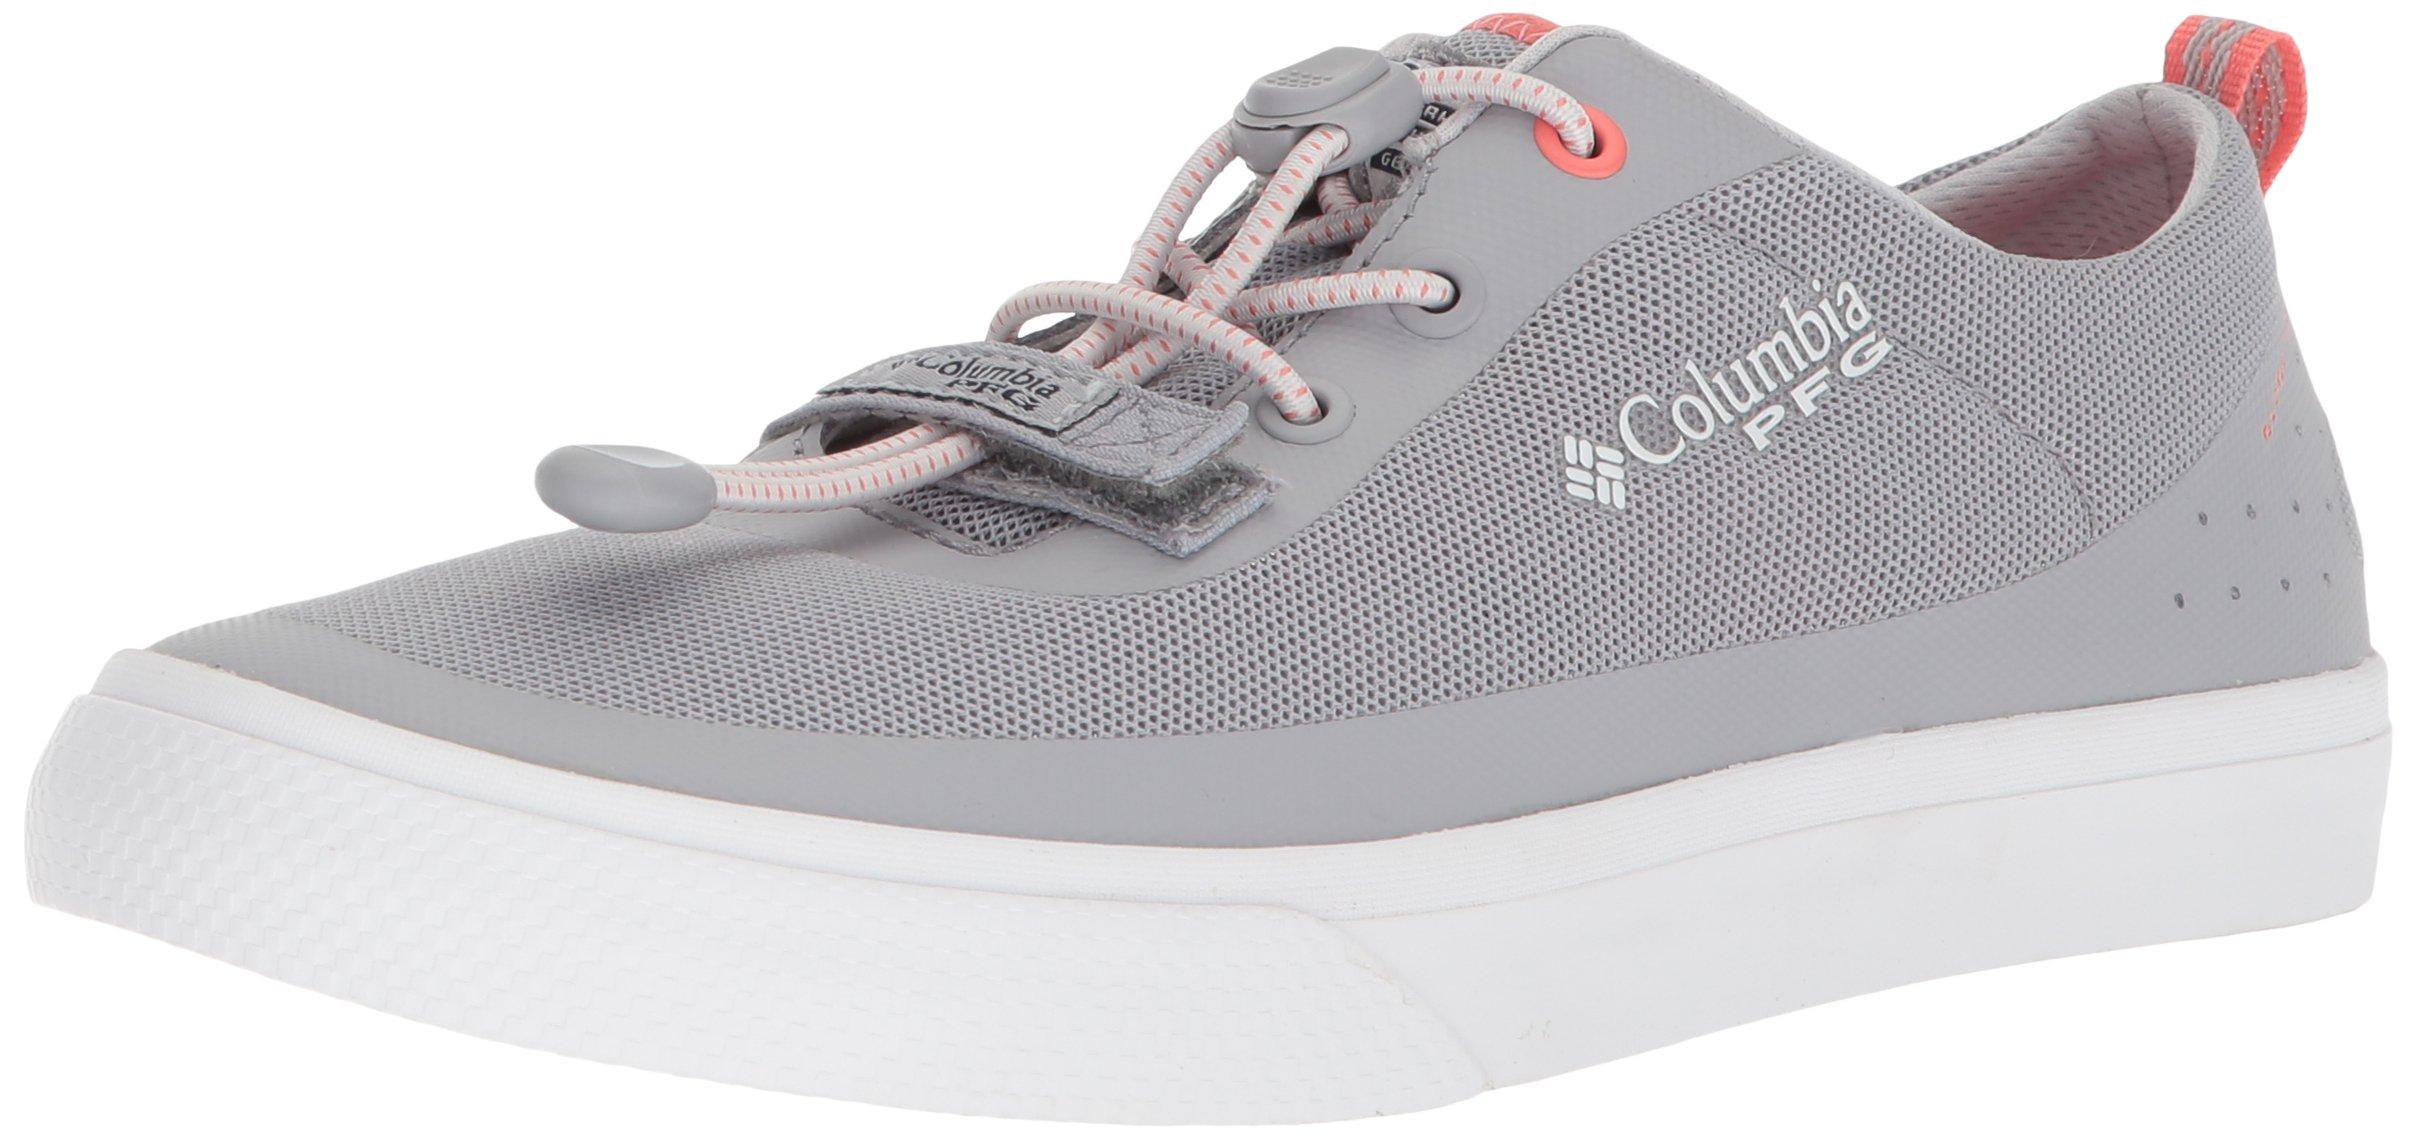 Columbia PFG Women's Dorado CVO PFG Sneaker, Steam, Melonade, 10.5 Regular US